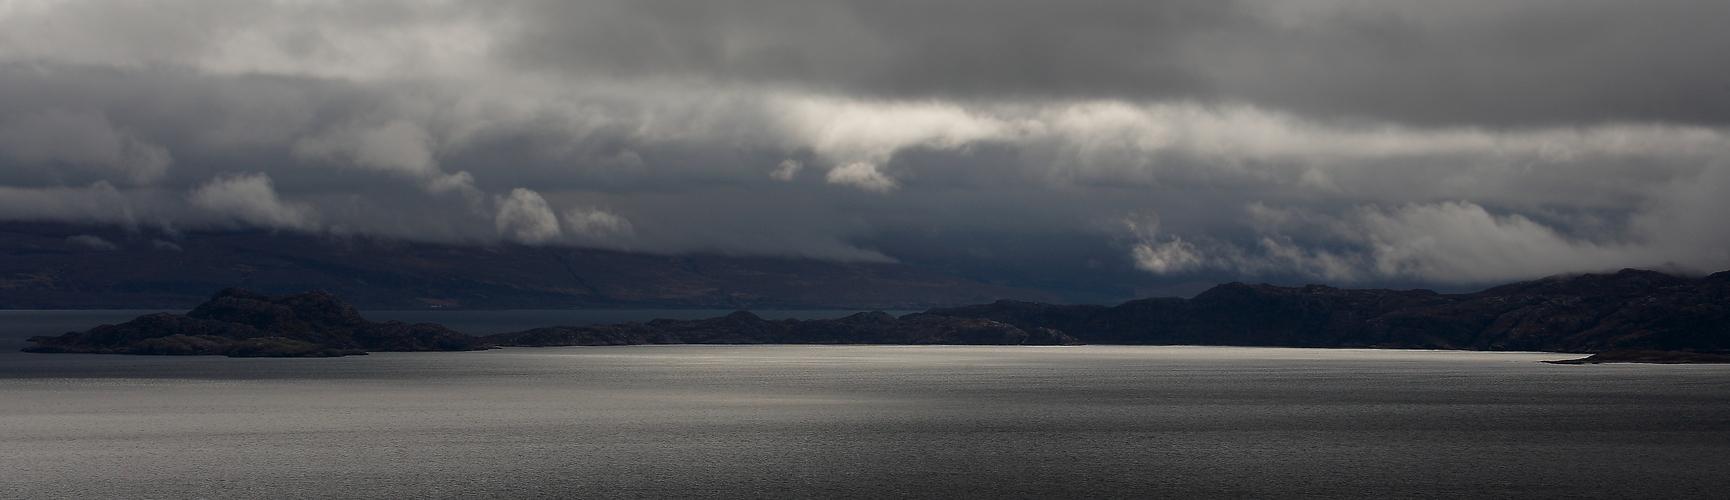 Frühlingsmorgen auf Skye ...